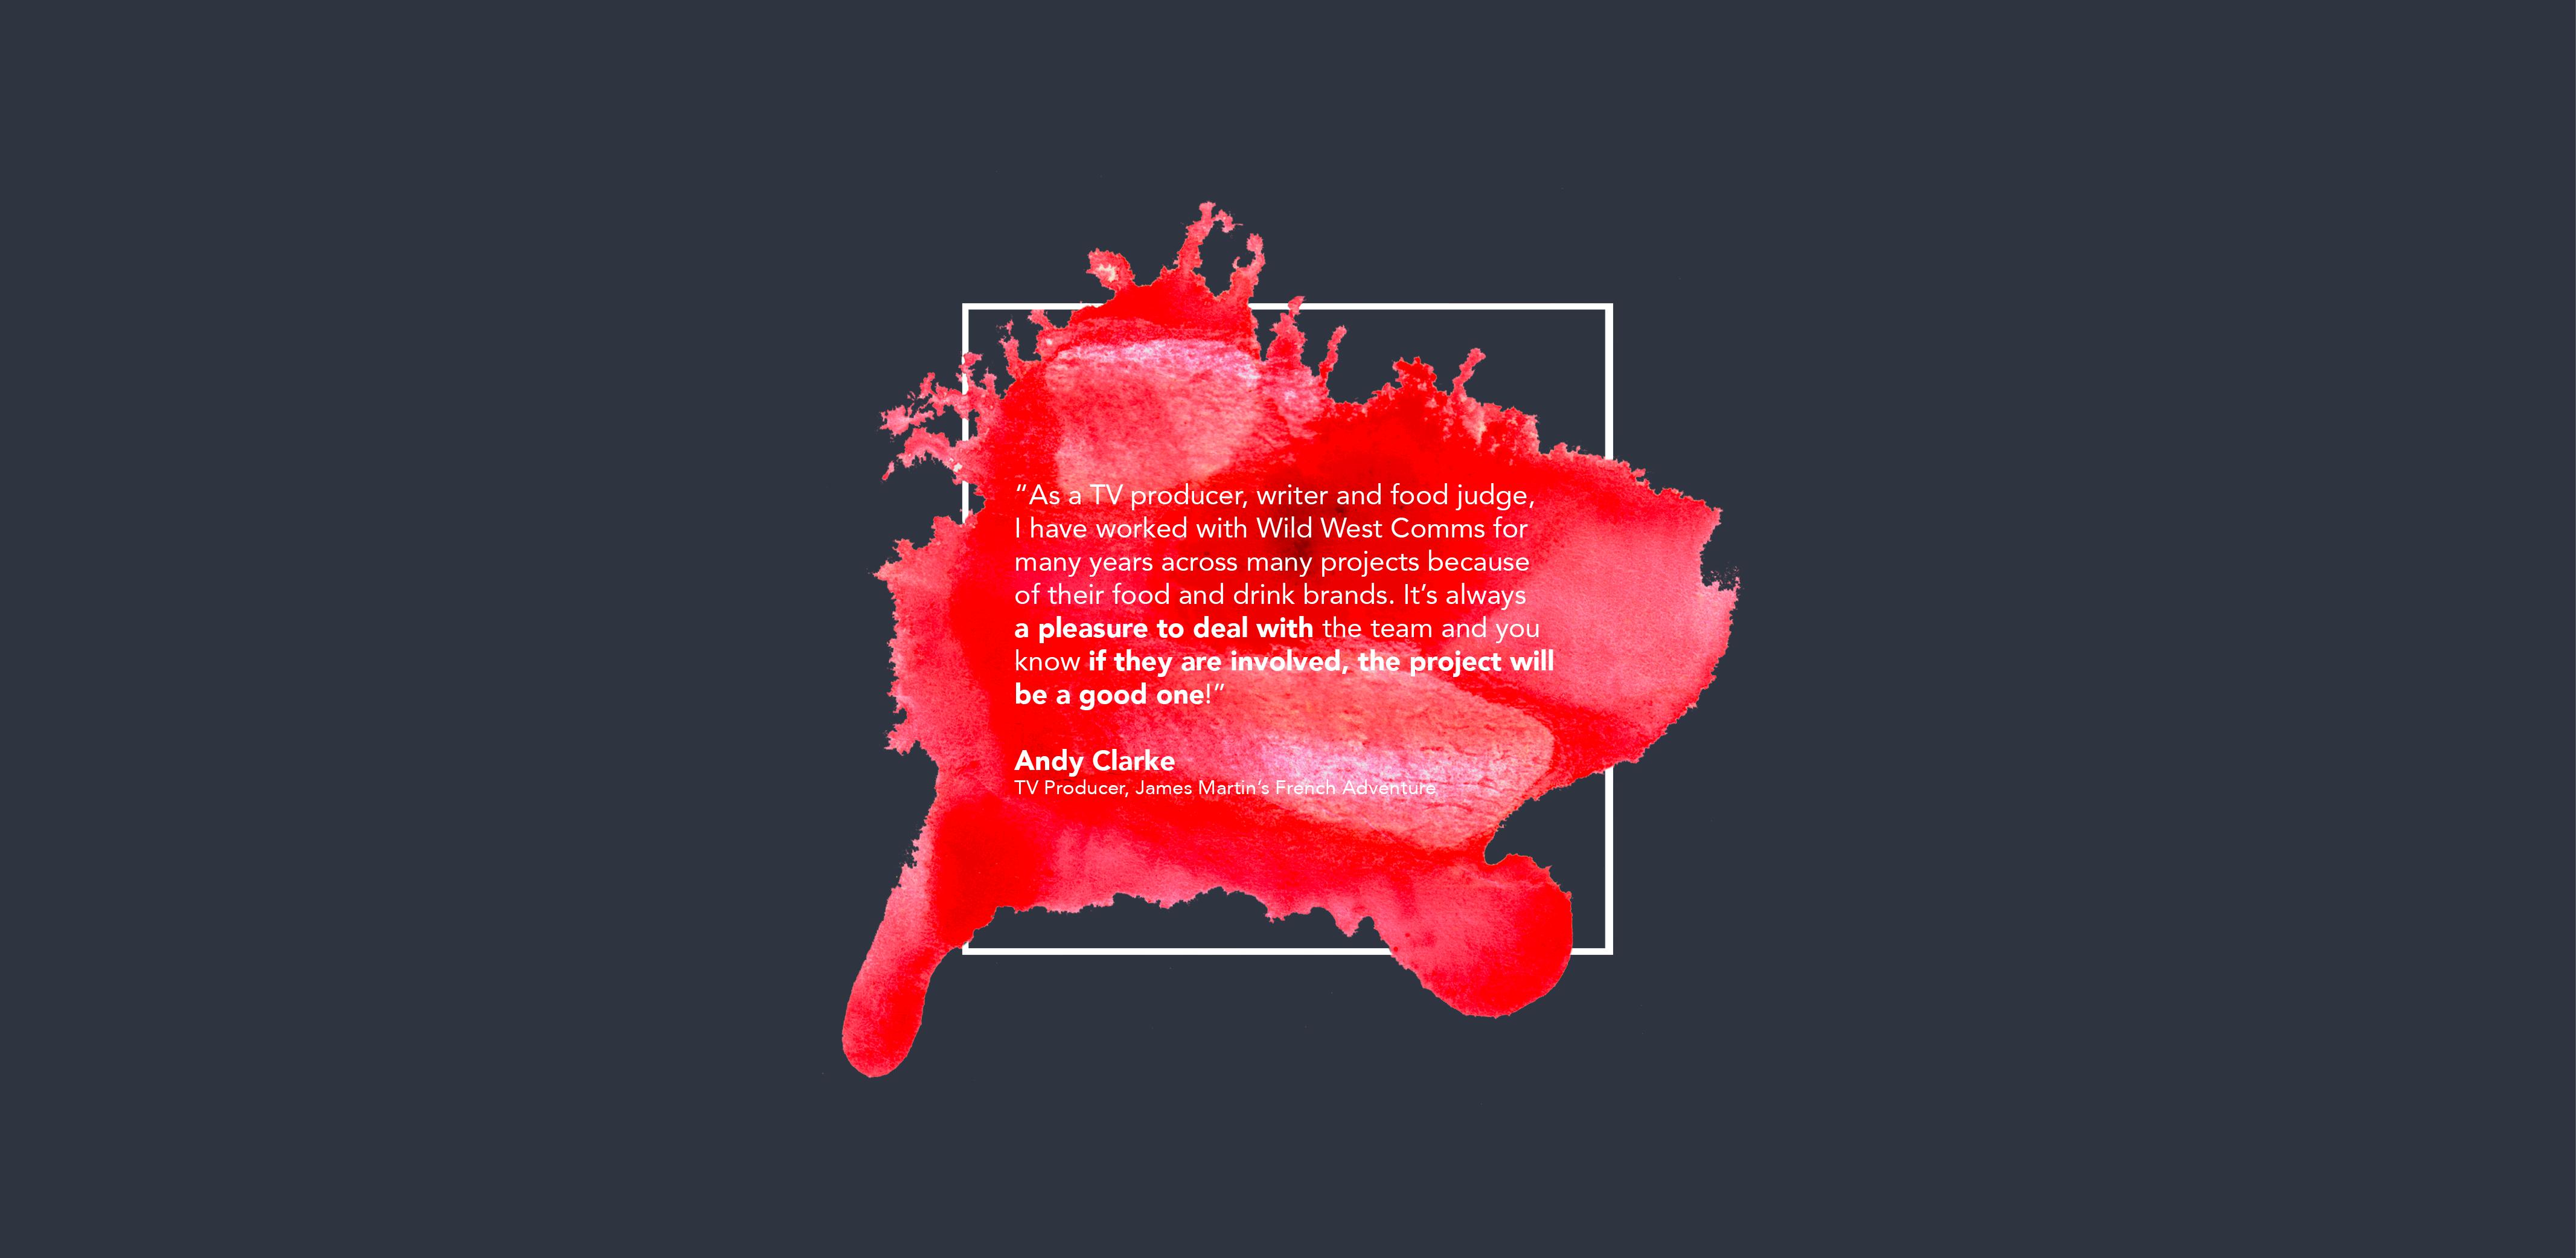 Andy Clarke - Wild West Comms Testimonial